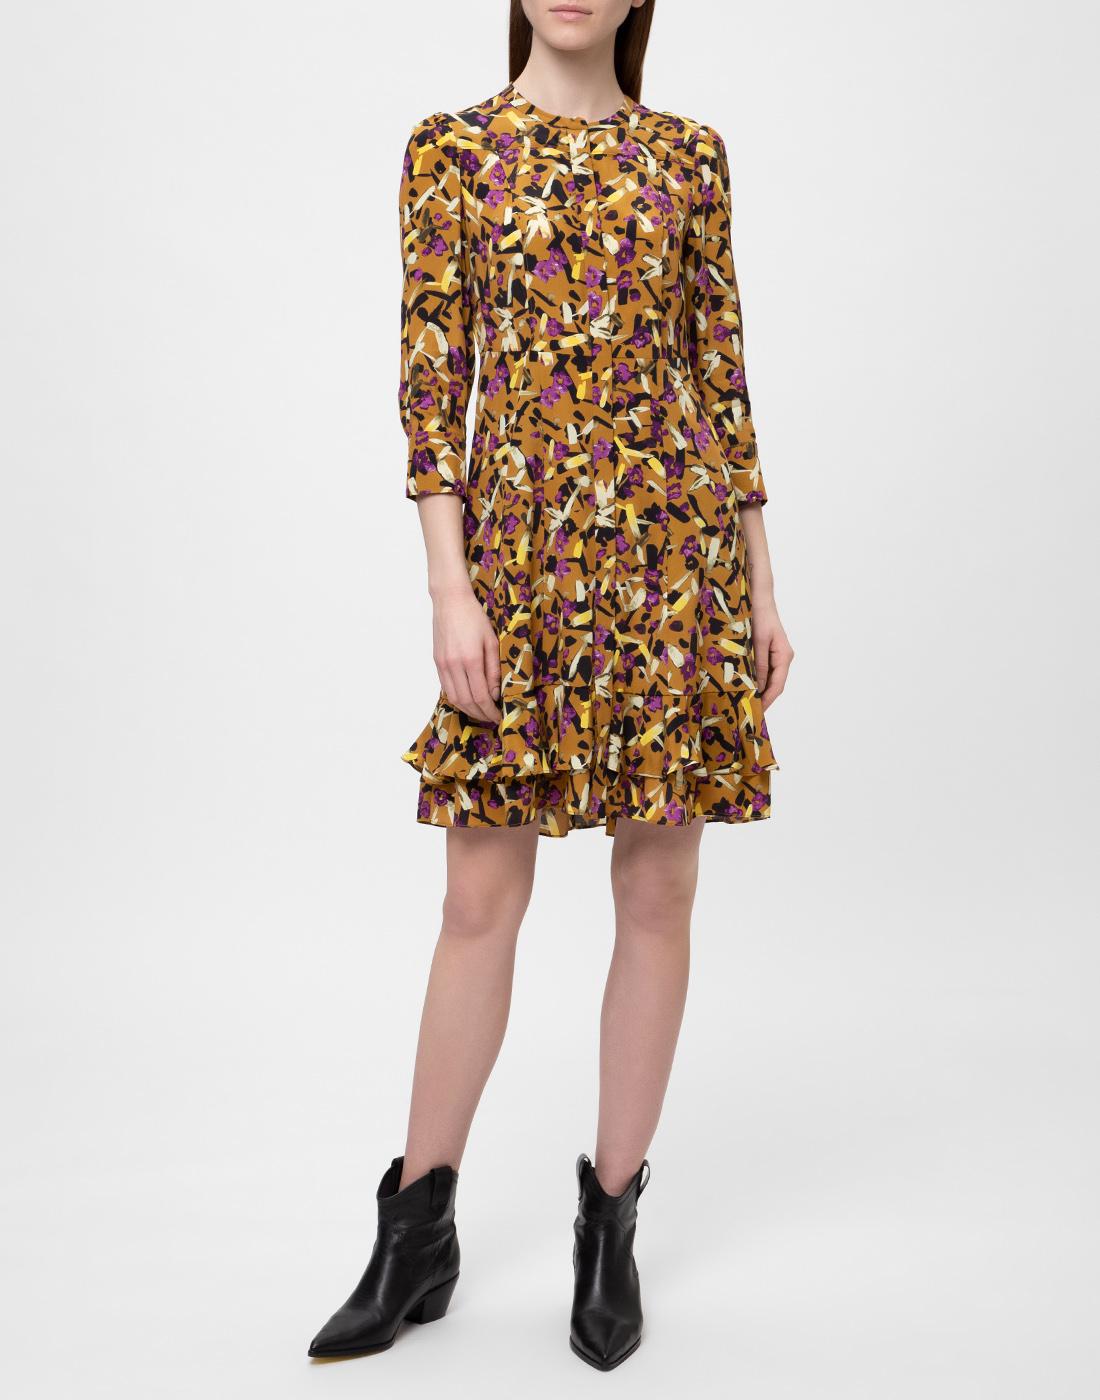 Женское платье-рубашка  Dorothee Schumacher S649713/072-2